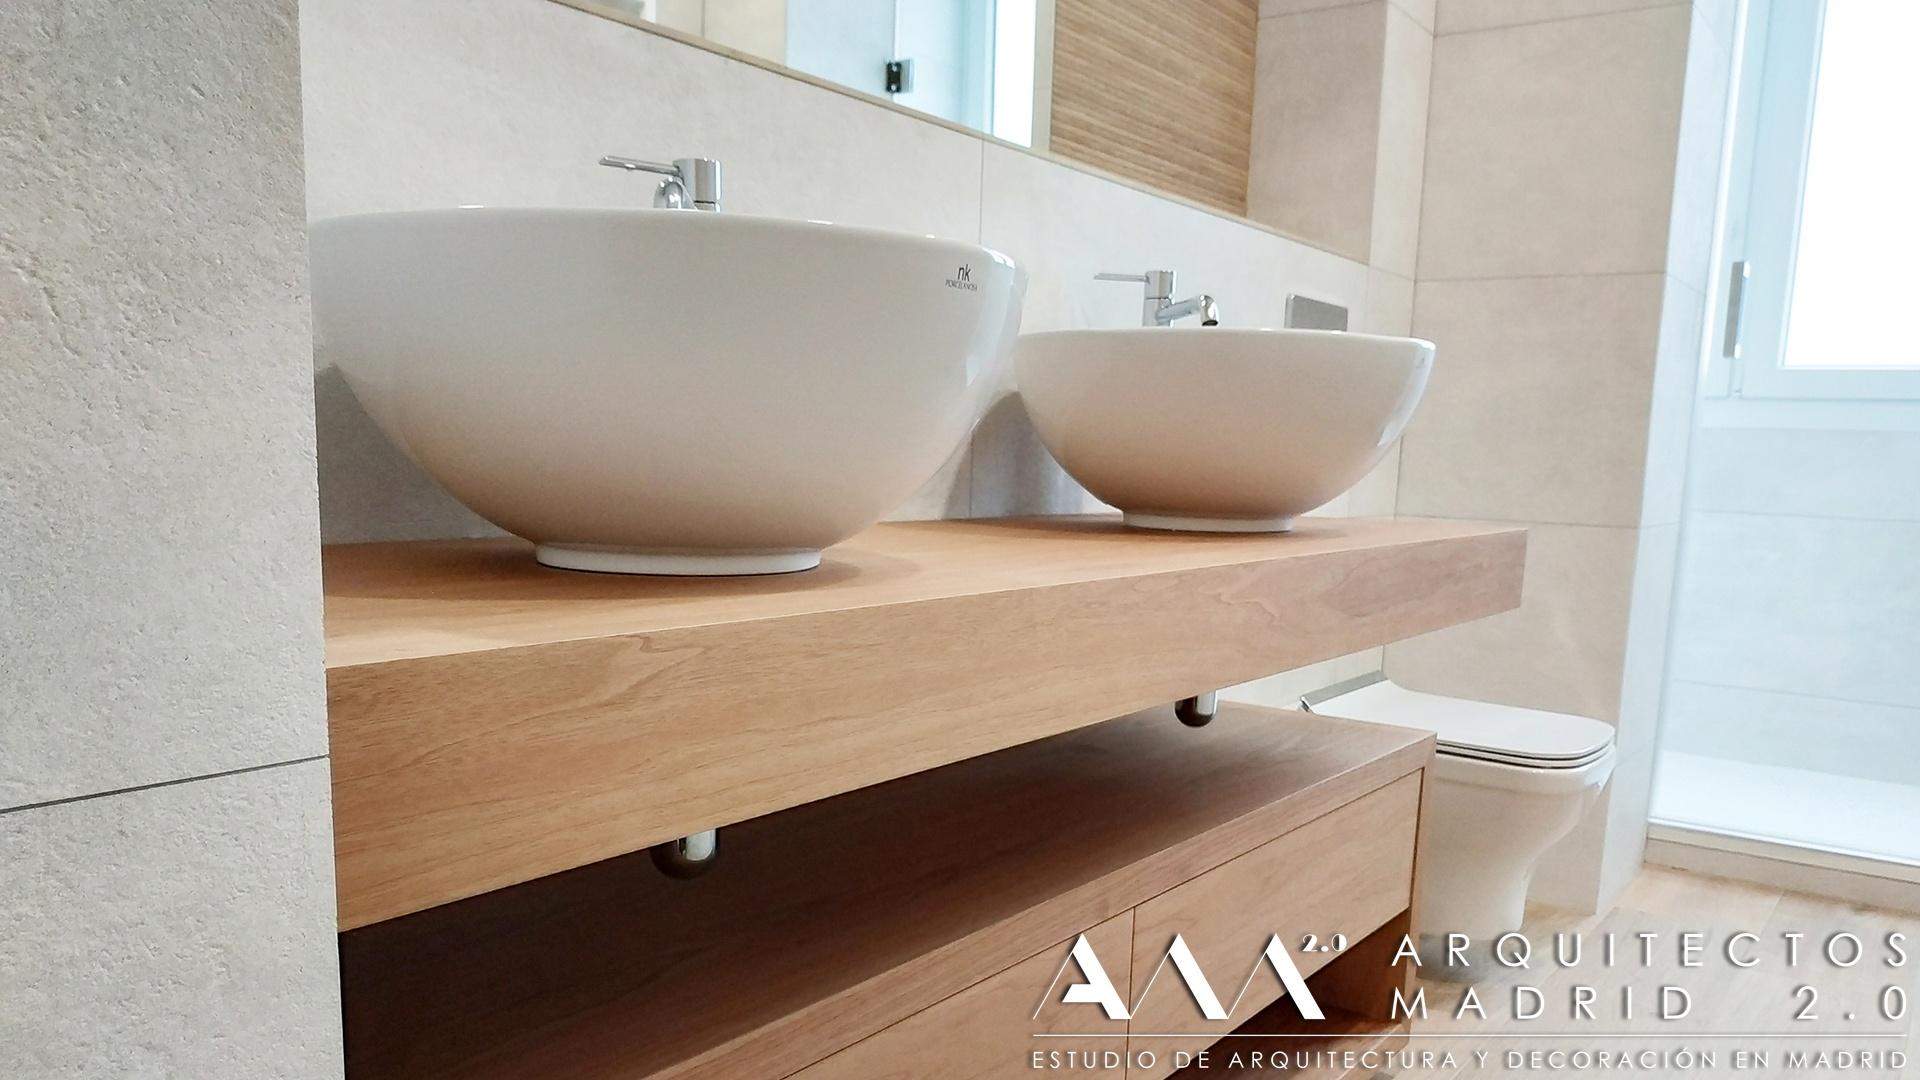 proyecto-reforma-integral-vivienda-arquitectos-madrid-ideas-decoracion-salon-cocina-home-interior-design-32